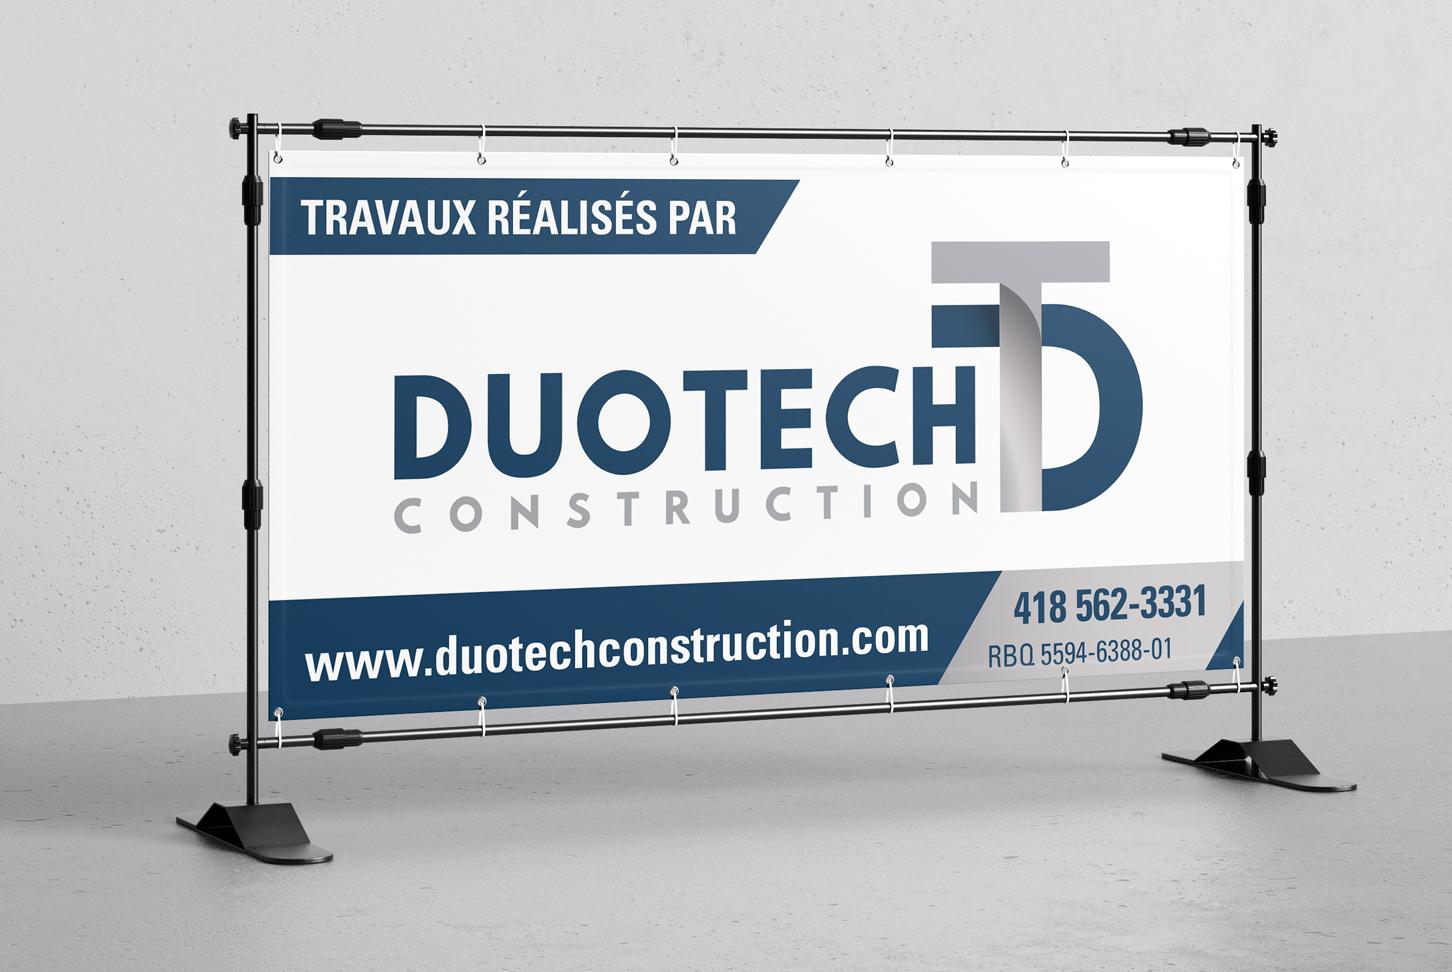 Duotech Construction - Design graphique d'une pancarte de chantier